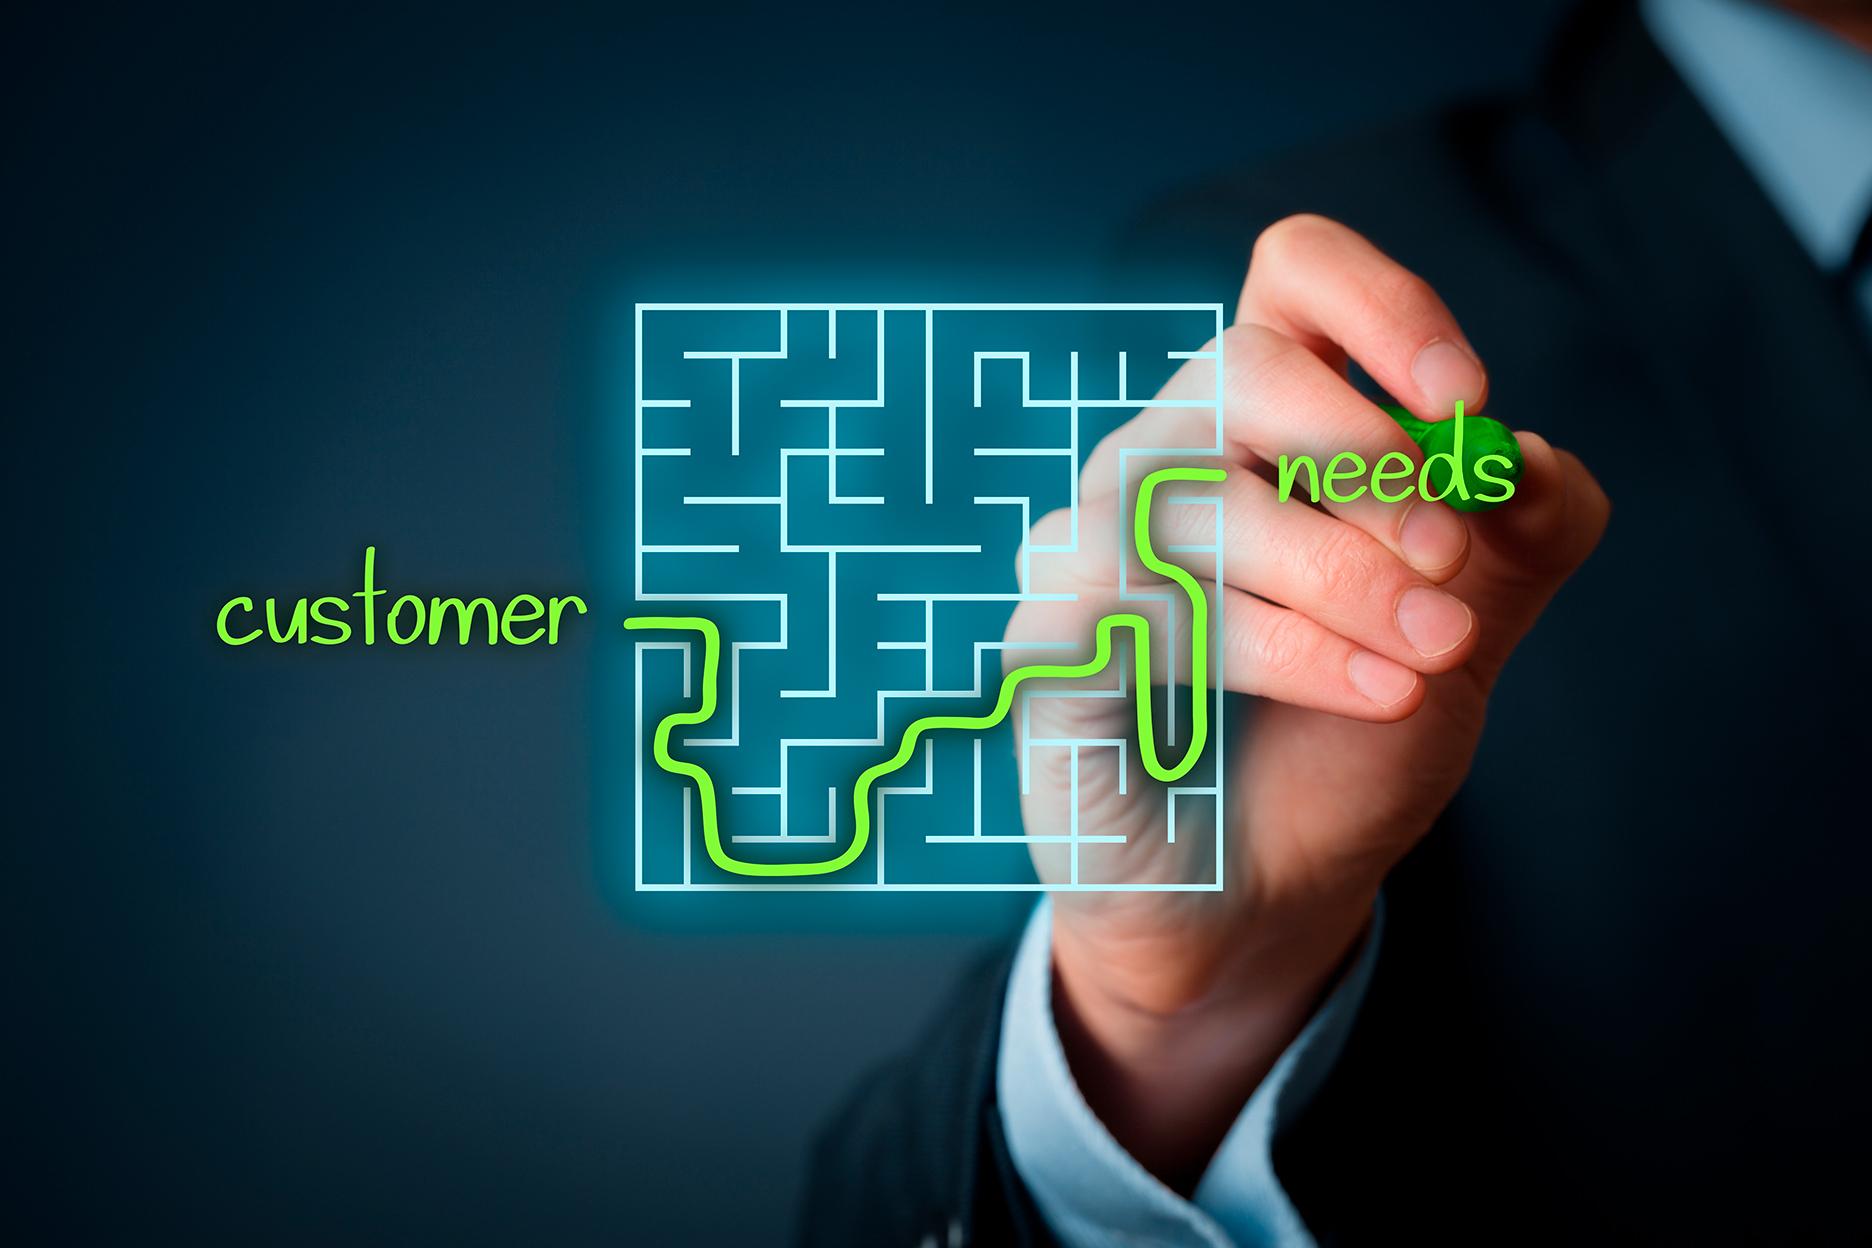 customer-needs-2jpg